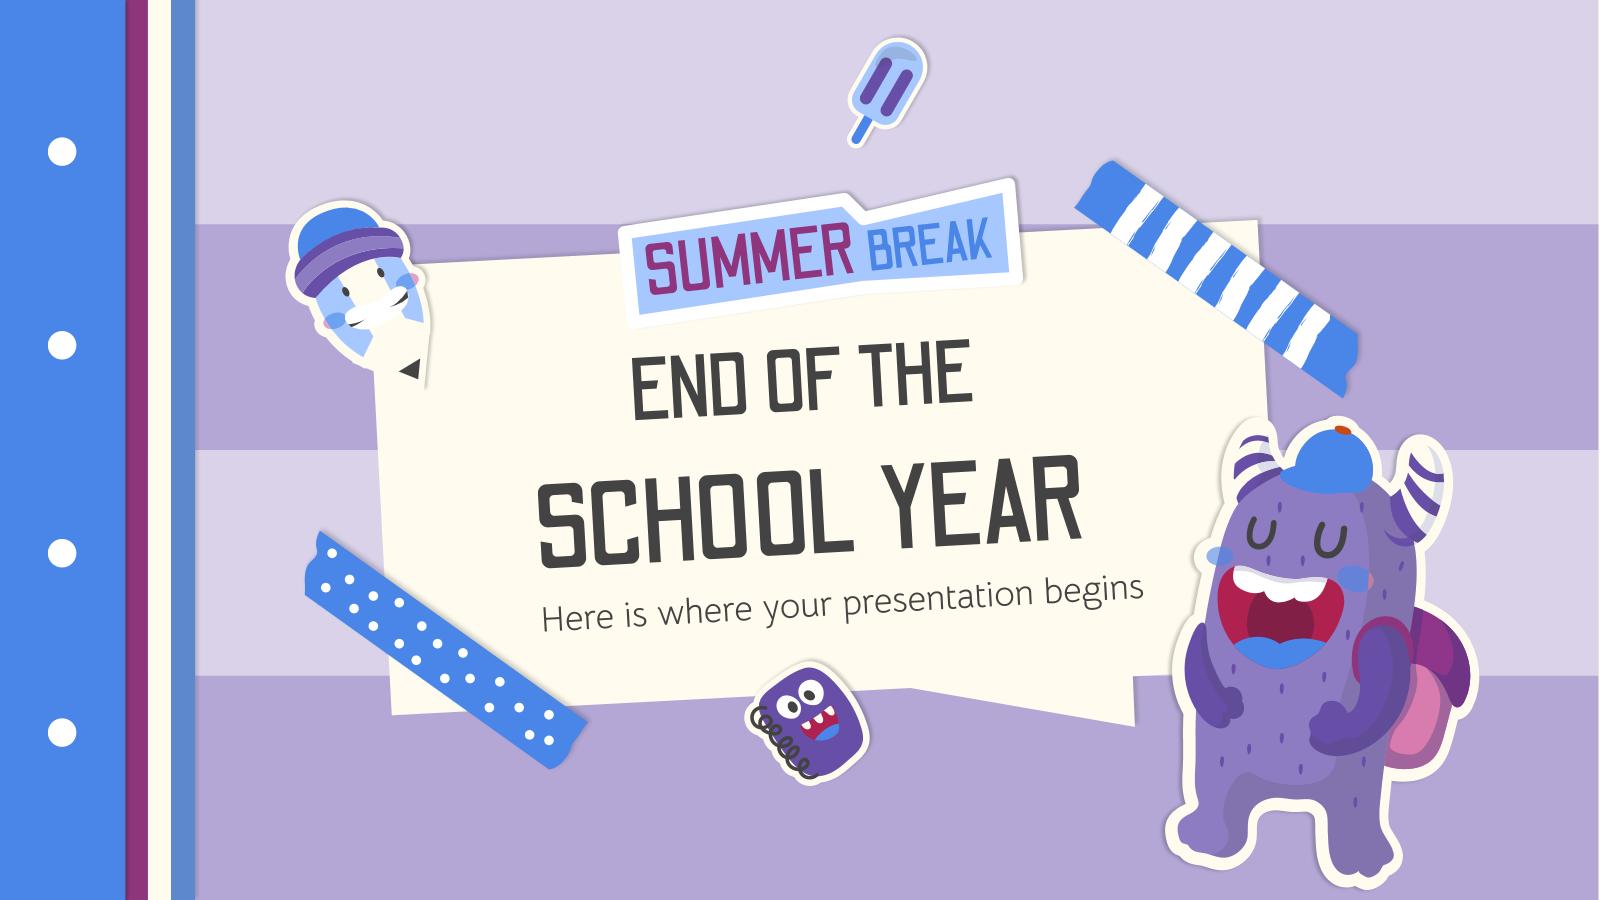 Modelo de apresentação Fim do ano letivo: férias de verão